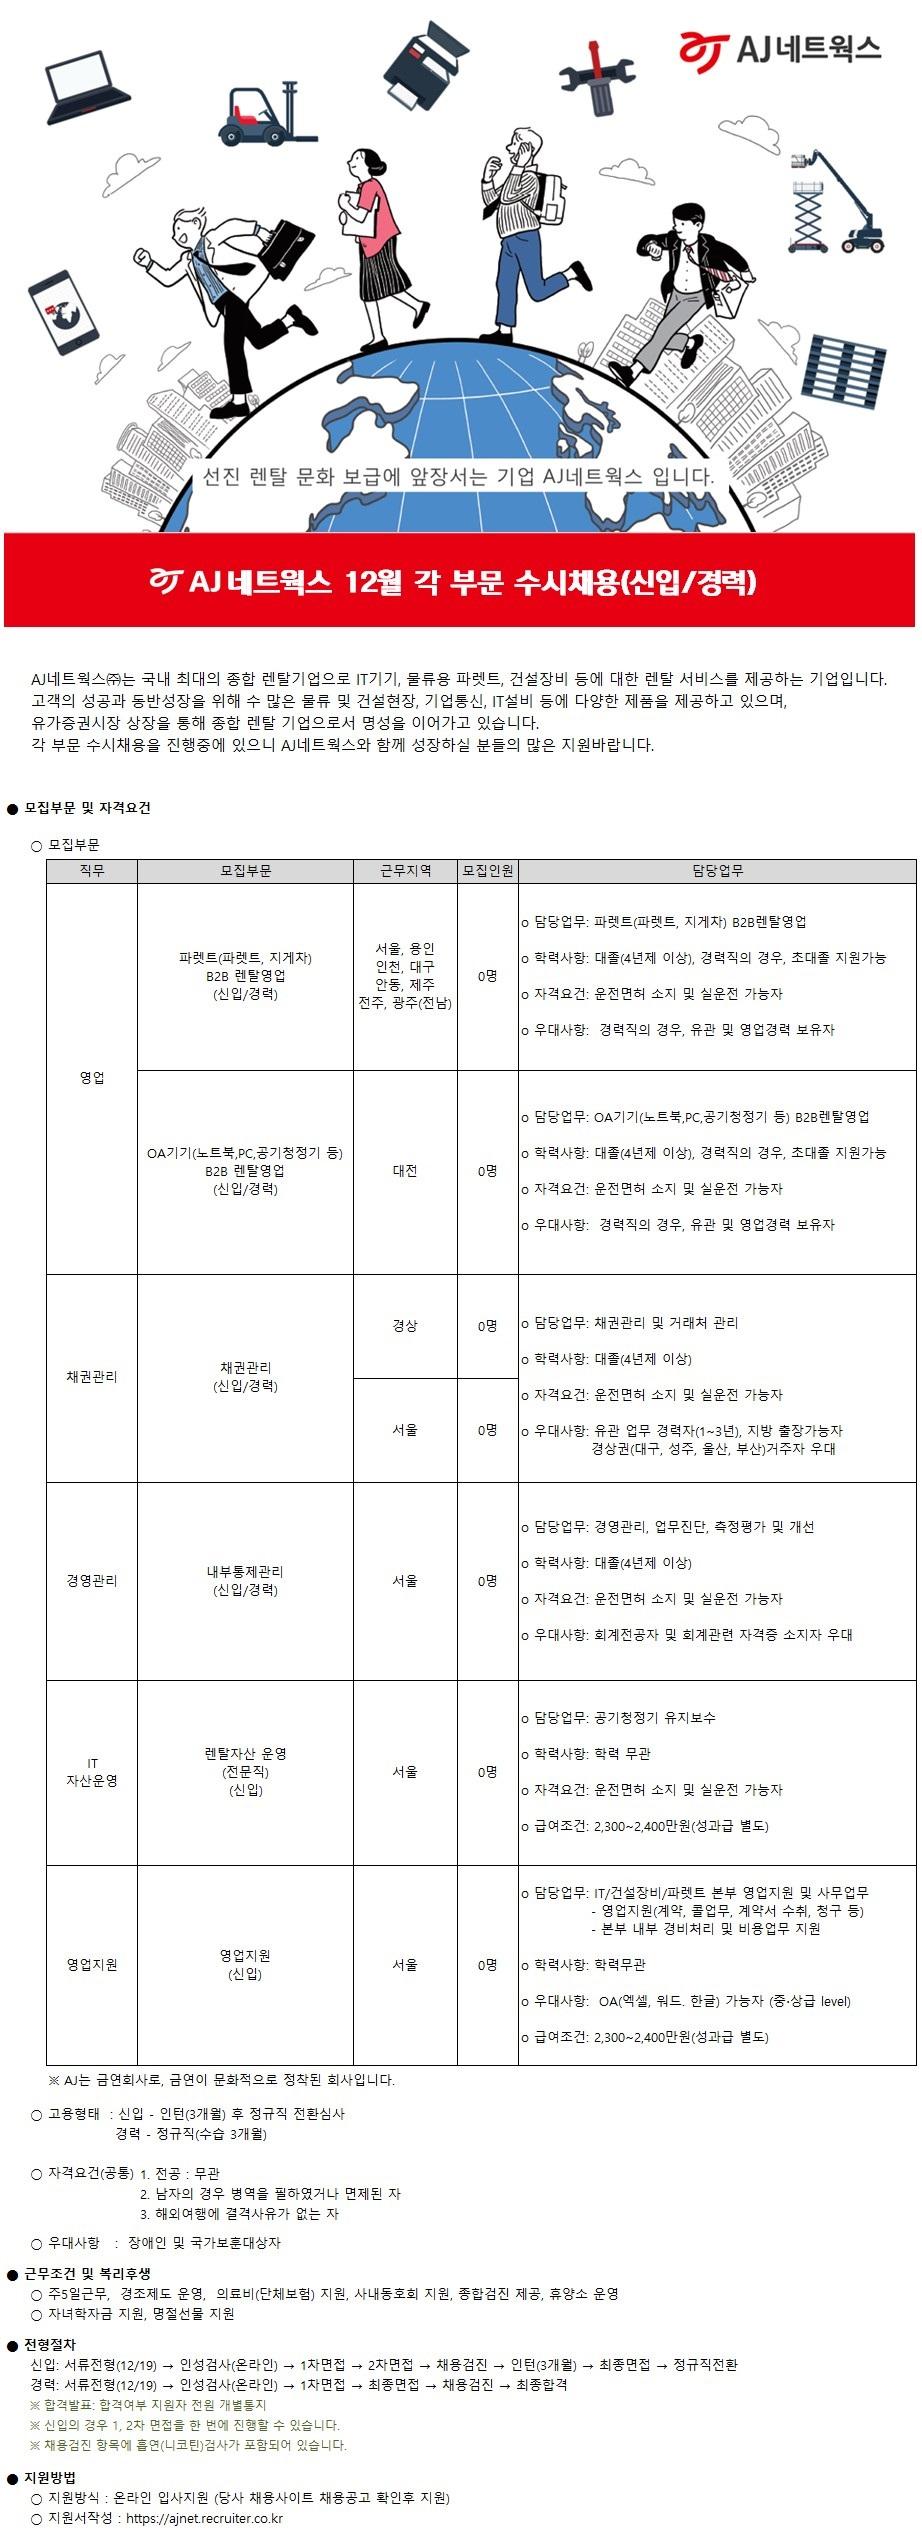 AJ네트웍스 12월 각 부문 수시채용(신입/경력)